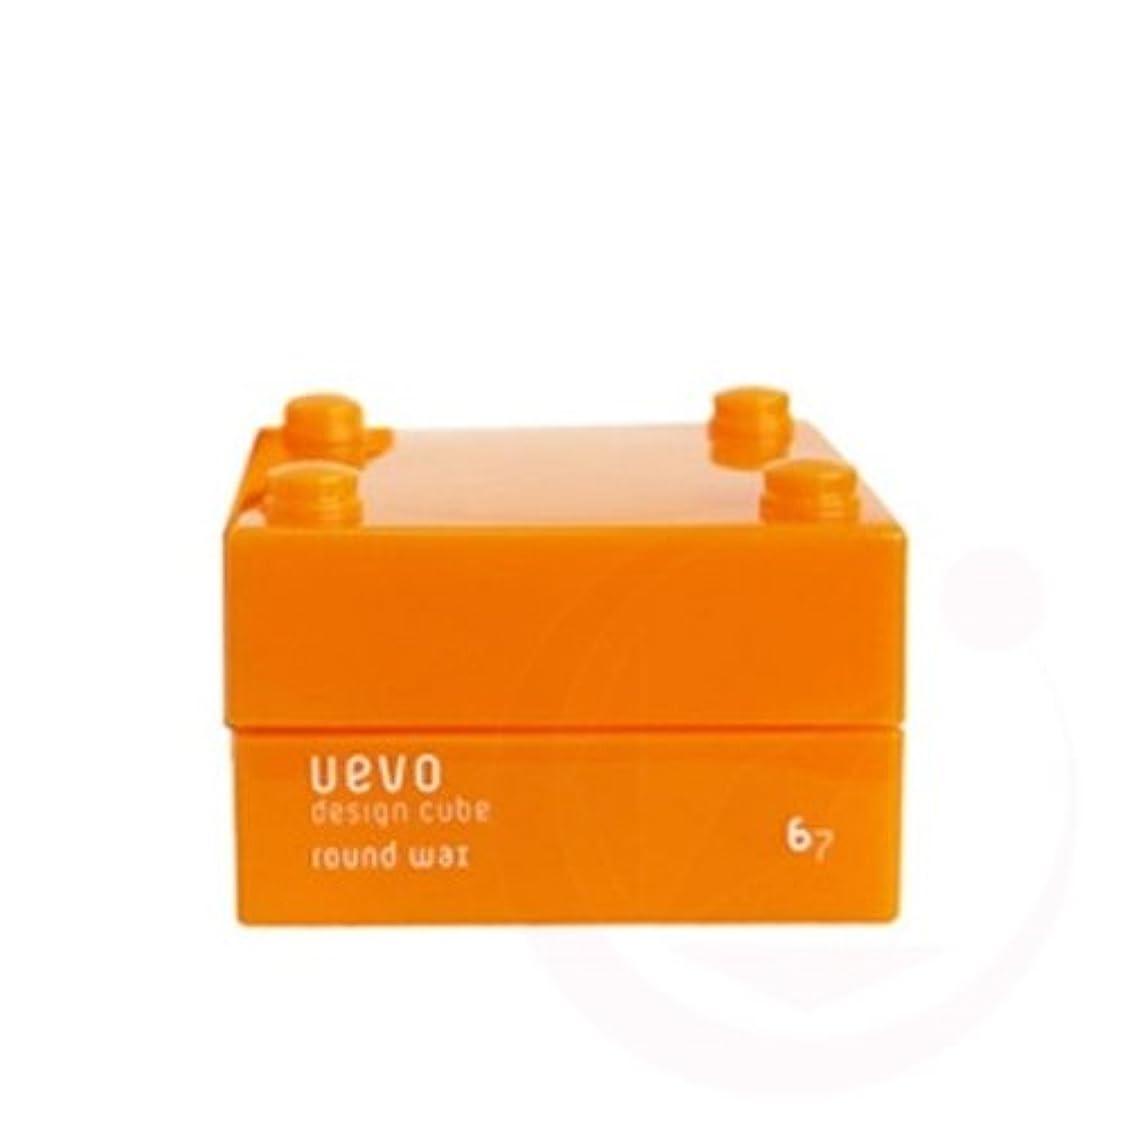 スカルクゴミ箱を空にするシャンパン【デミコスメティクス】ウェーボ デザインキューブ ラウンドワックス 30g